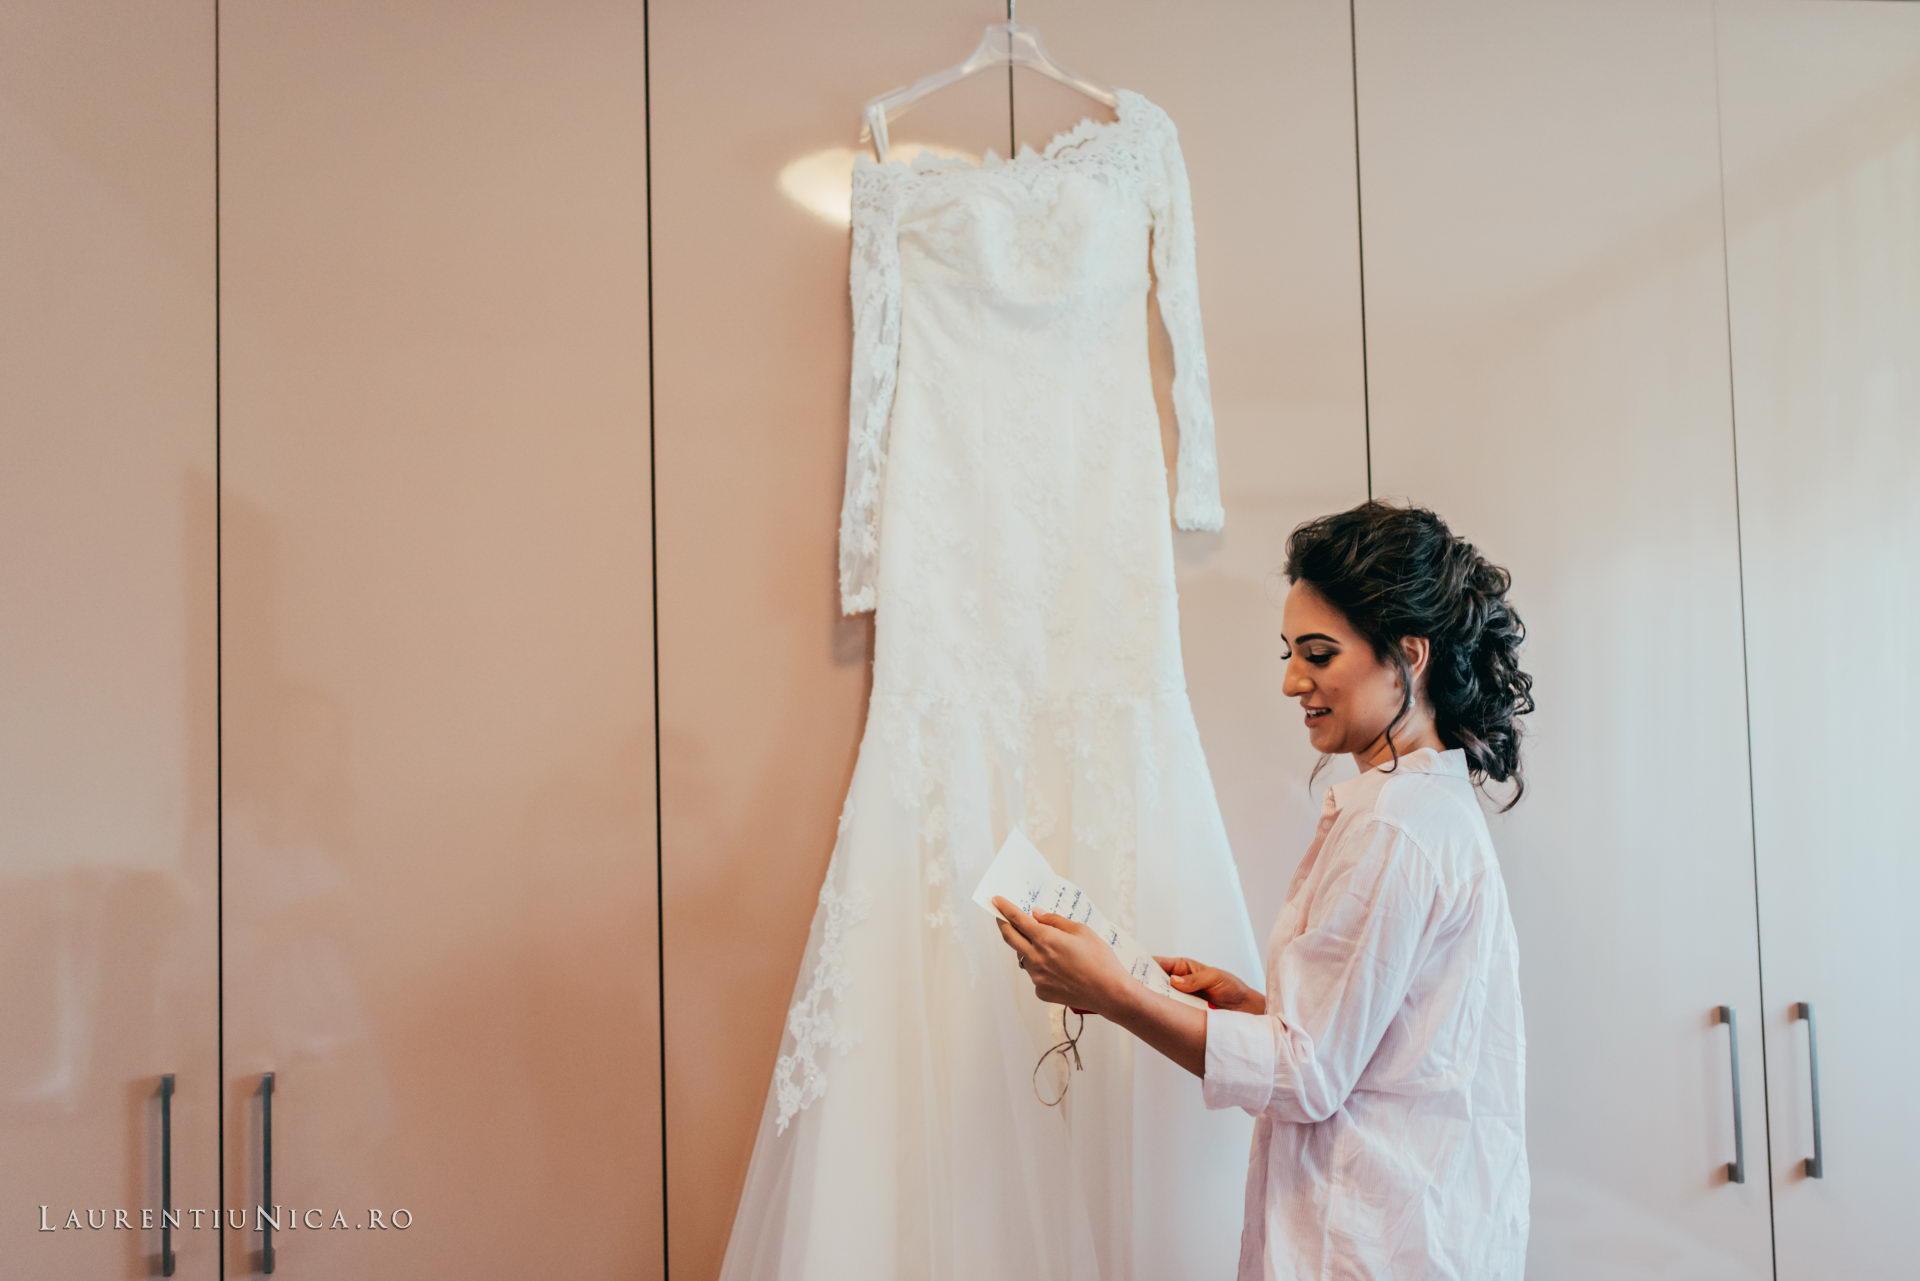 Cristina si Ovidiu nunta Craiova fotograf laurentiu nica 062 - Cristina & Ovidiu | Fotografii nunta | Craiova